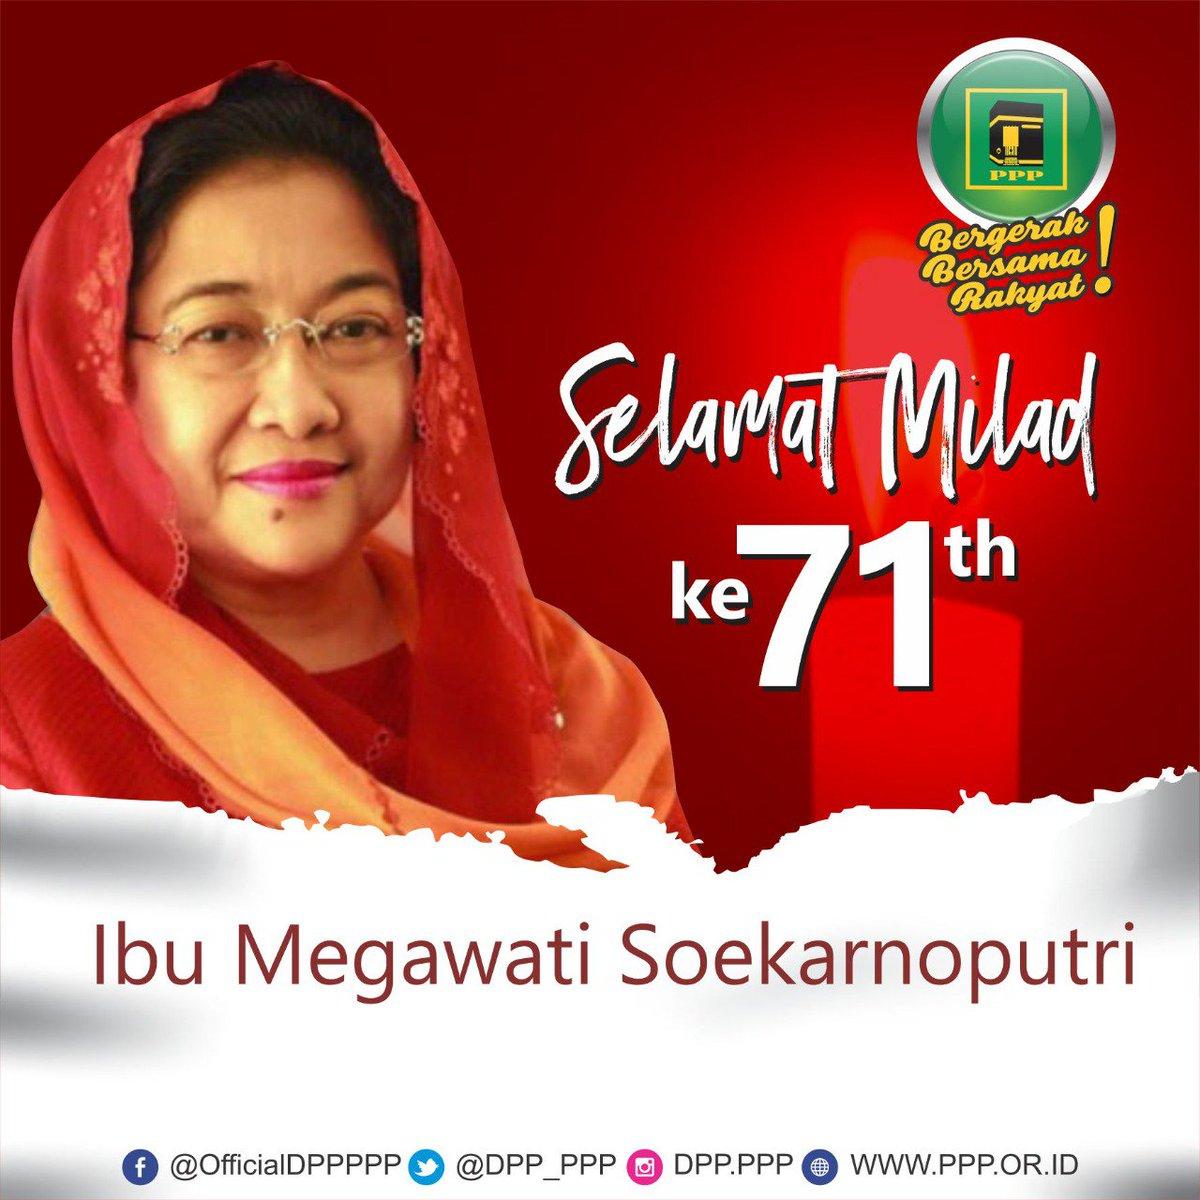 #RT @PDI_Perjuangan: RT @DPP_PPP: Selamat Milad ke-71 Ibu Megawati Soekarno Putri 😊 @PDI_Perjuangan https://t.co/LAxDrs03oq